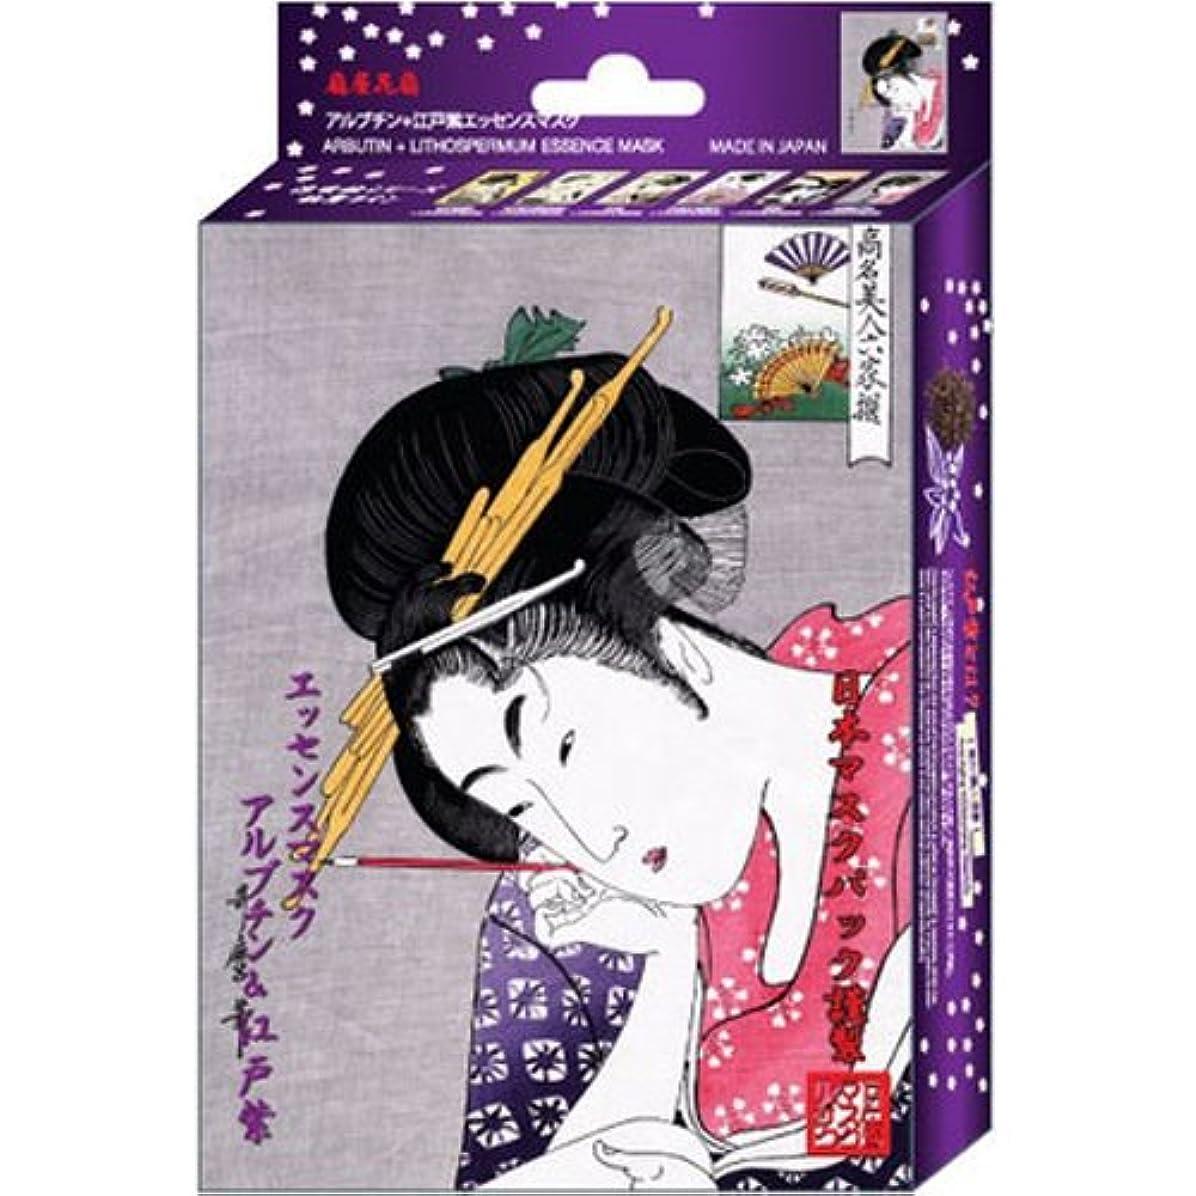 同時ジャズメンター浮世絵シリーズ 歌麿ライン エッセンスマスク アルブチン+江戸紫 (10枚入)